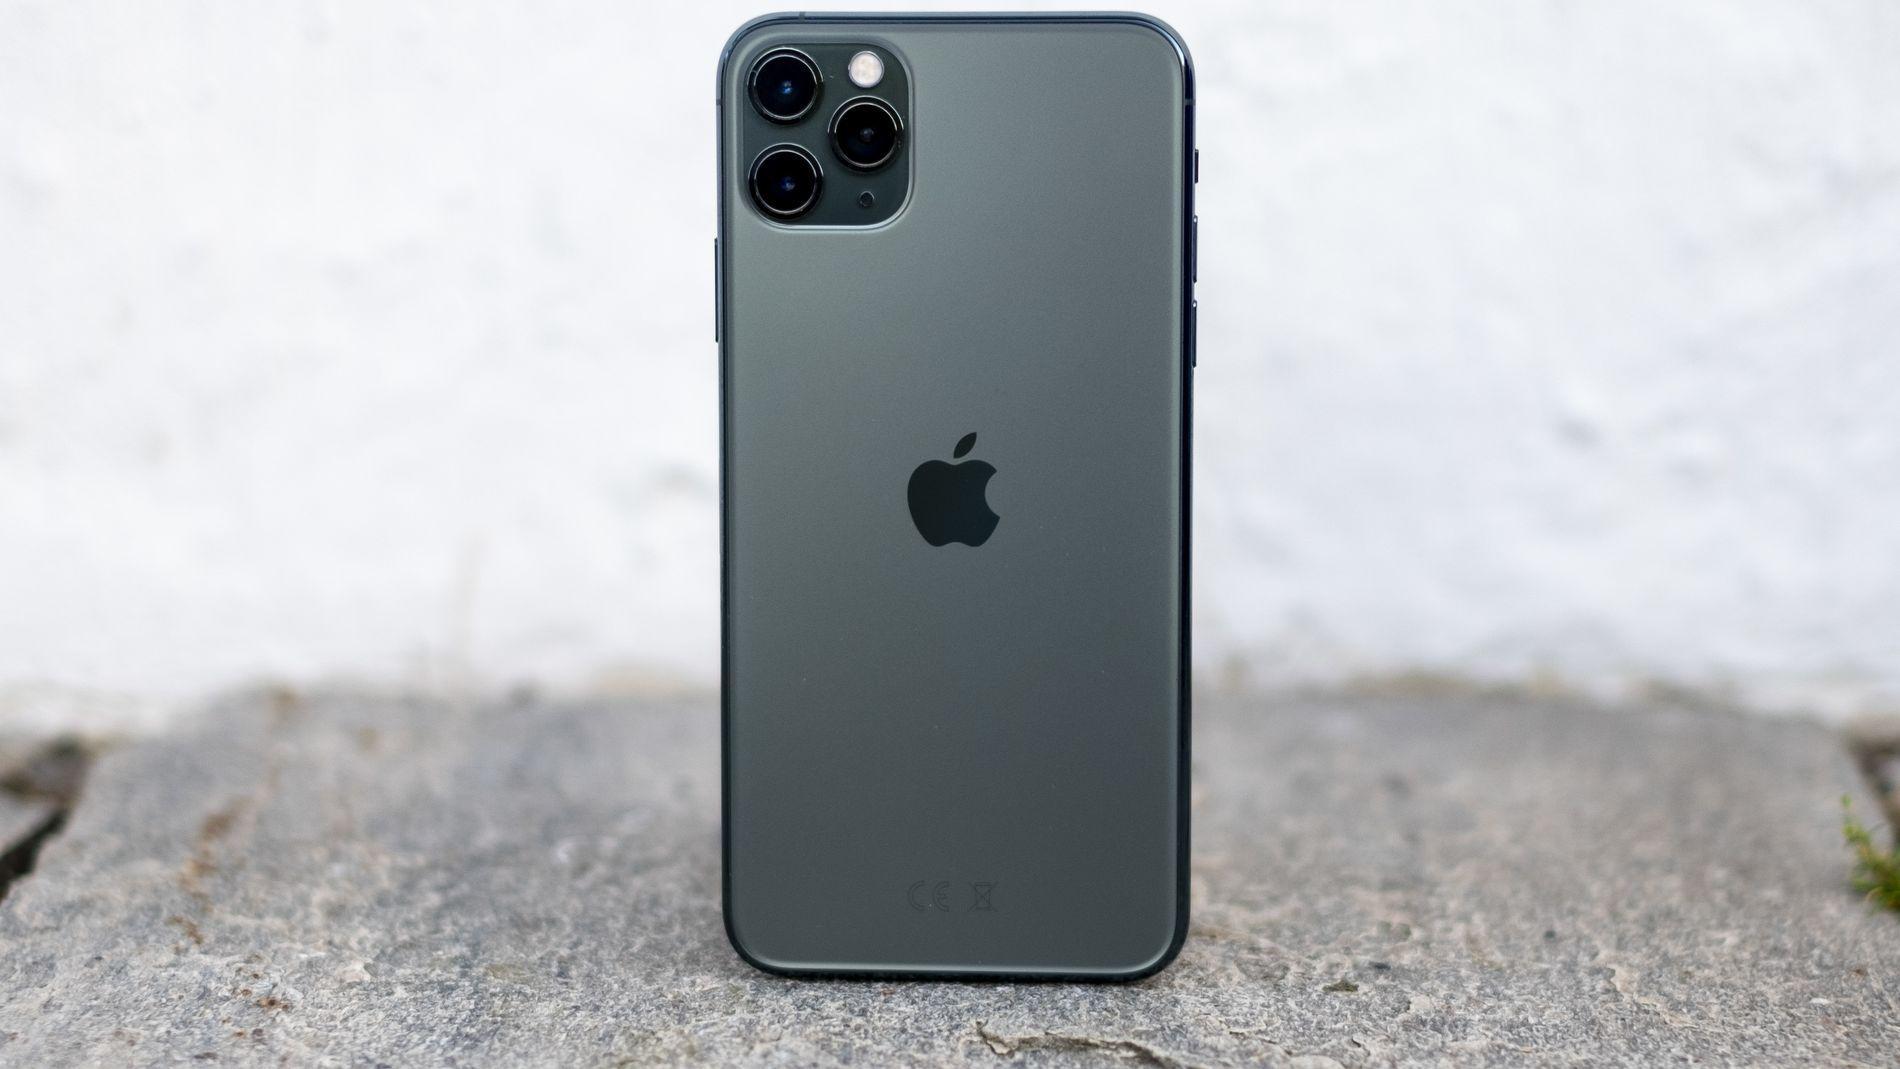 iPhone 11 Pro kan spore deg, selv når du skrur av all lokasjonsdata